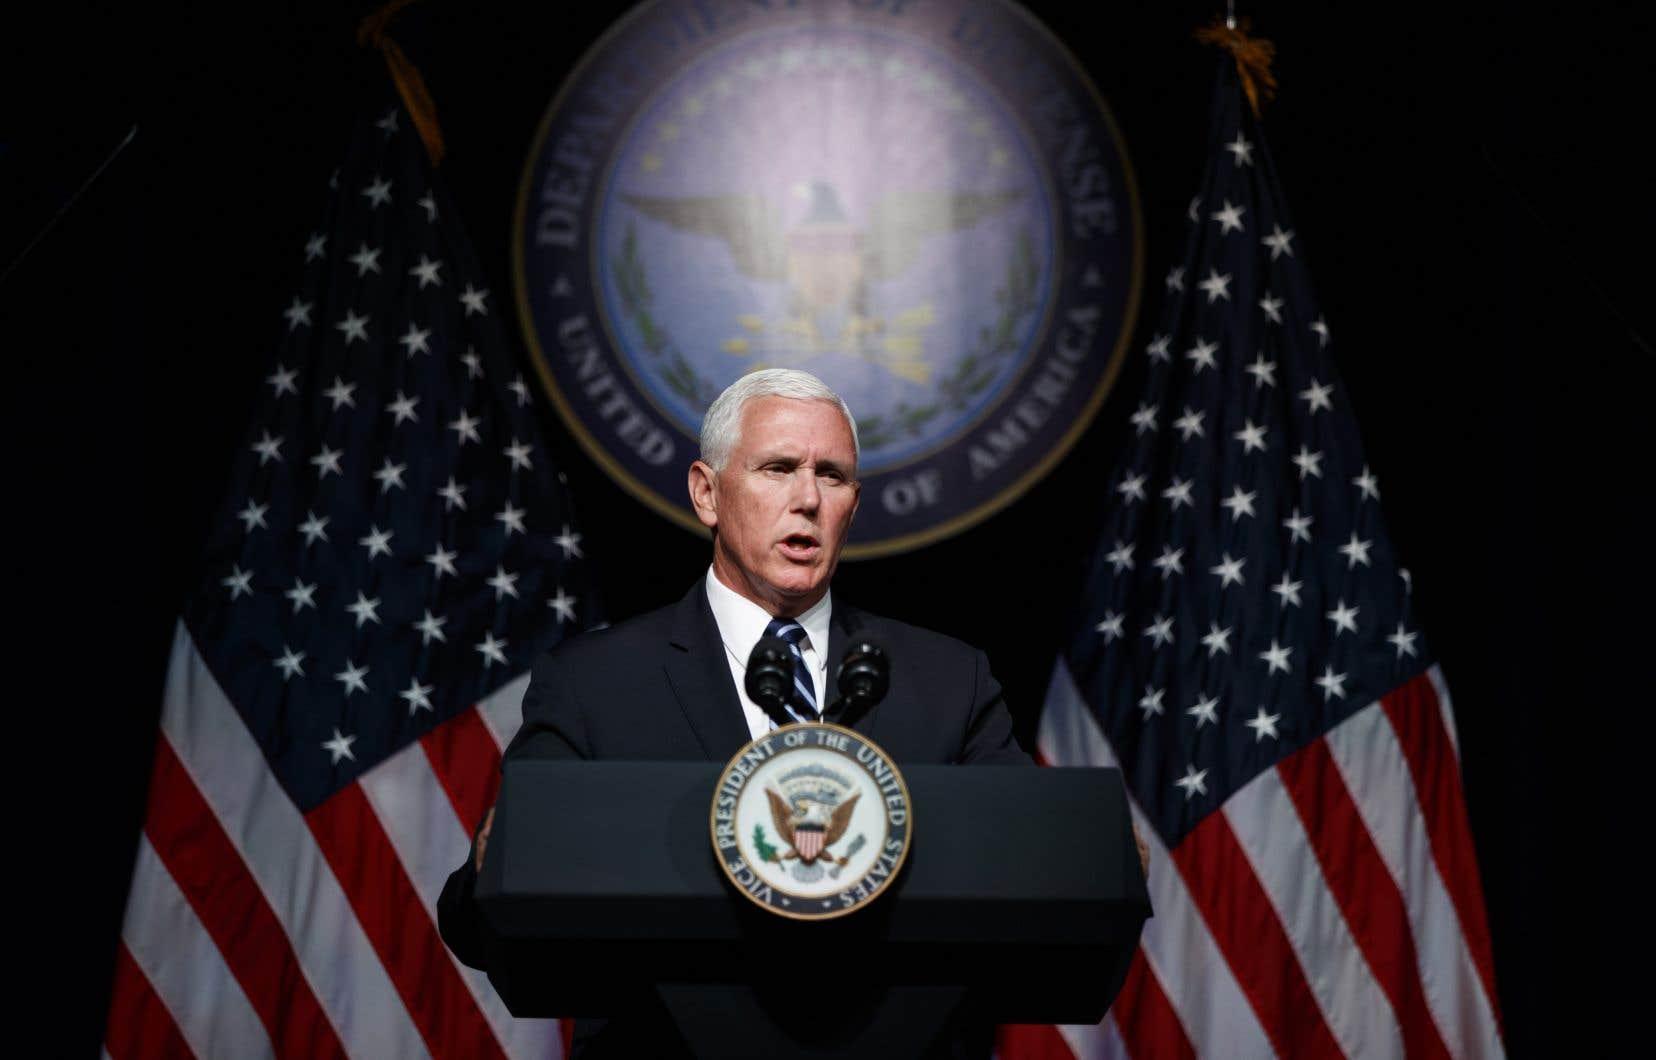 «L'espace a fondamentalement changé depuis une génération», a déclaré le vice-président américain, Mike Pence.